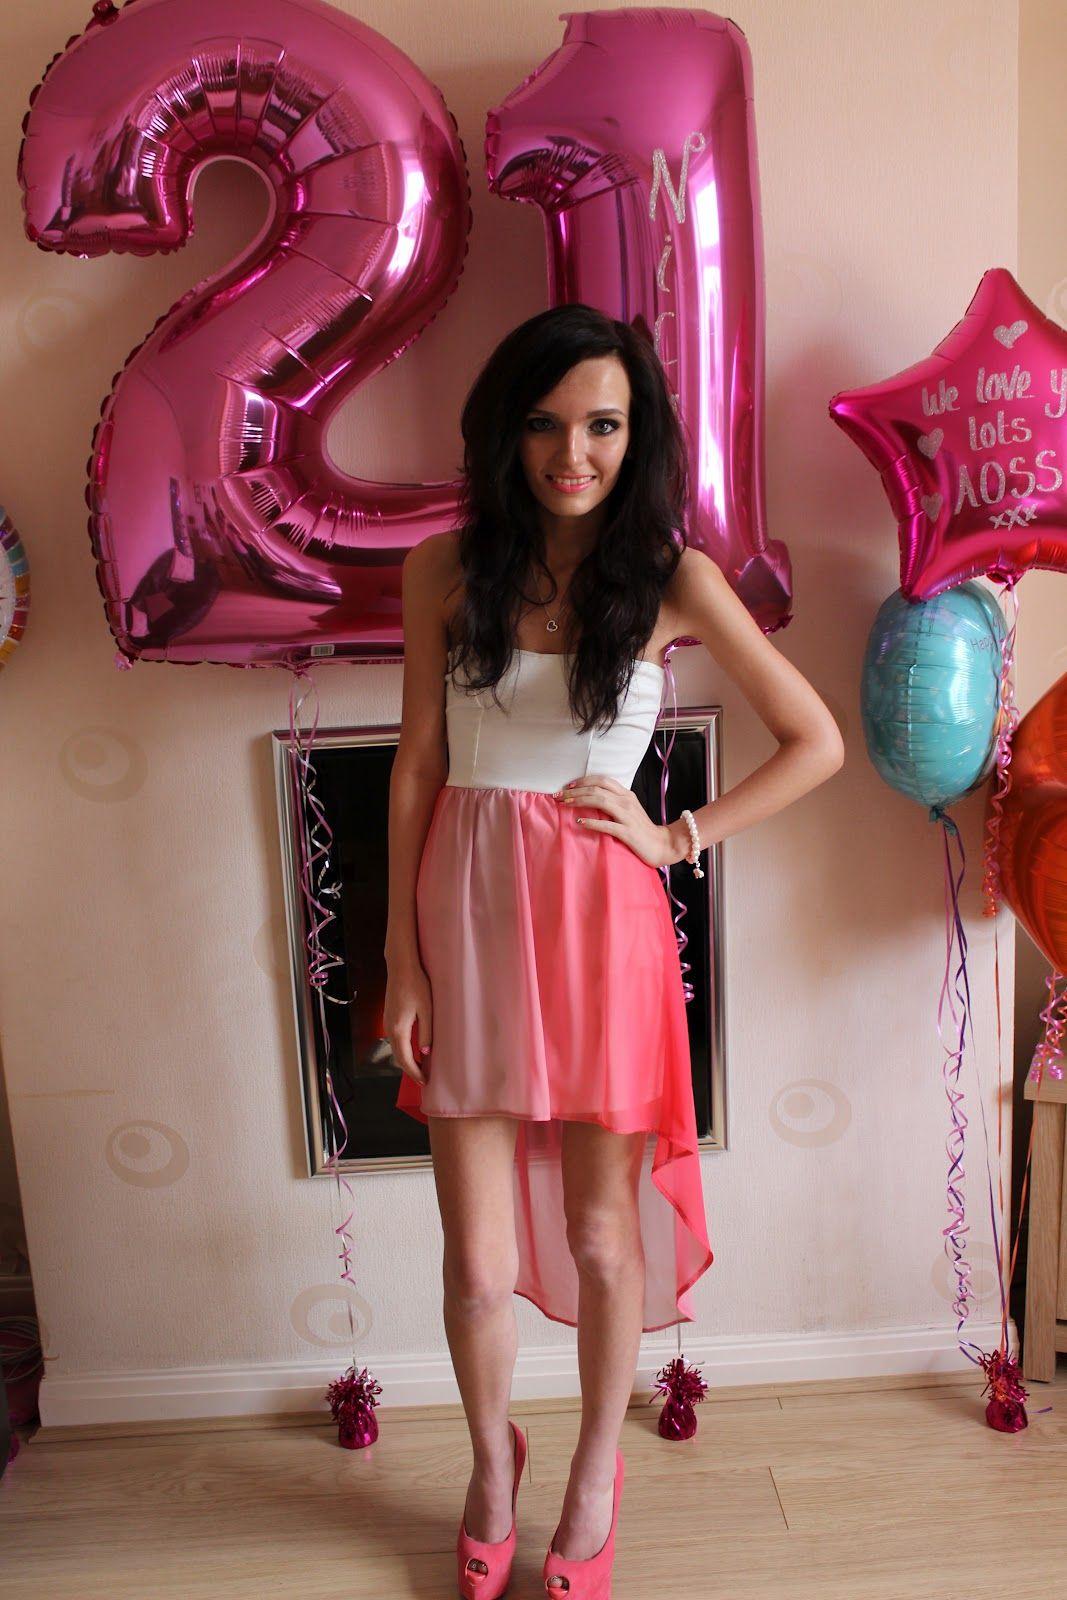 Coleyyyful A Beauty & Fashion Blog My 21st Birthday